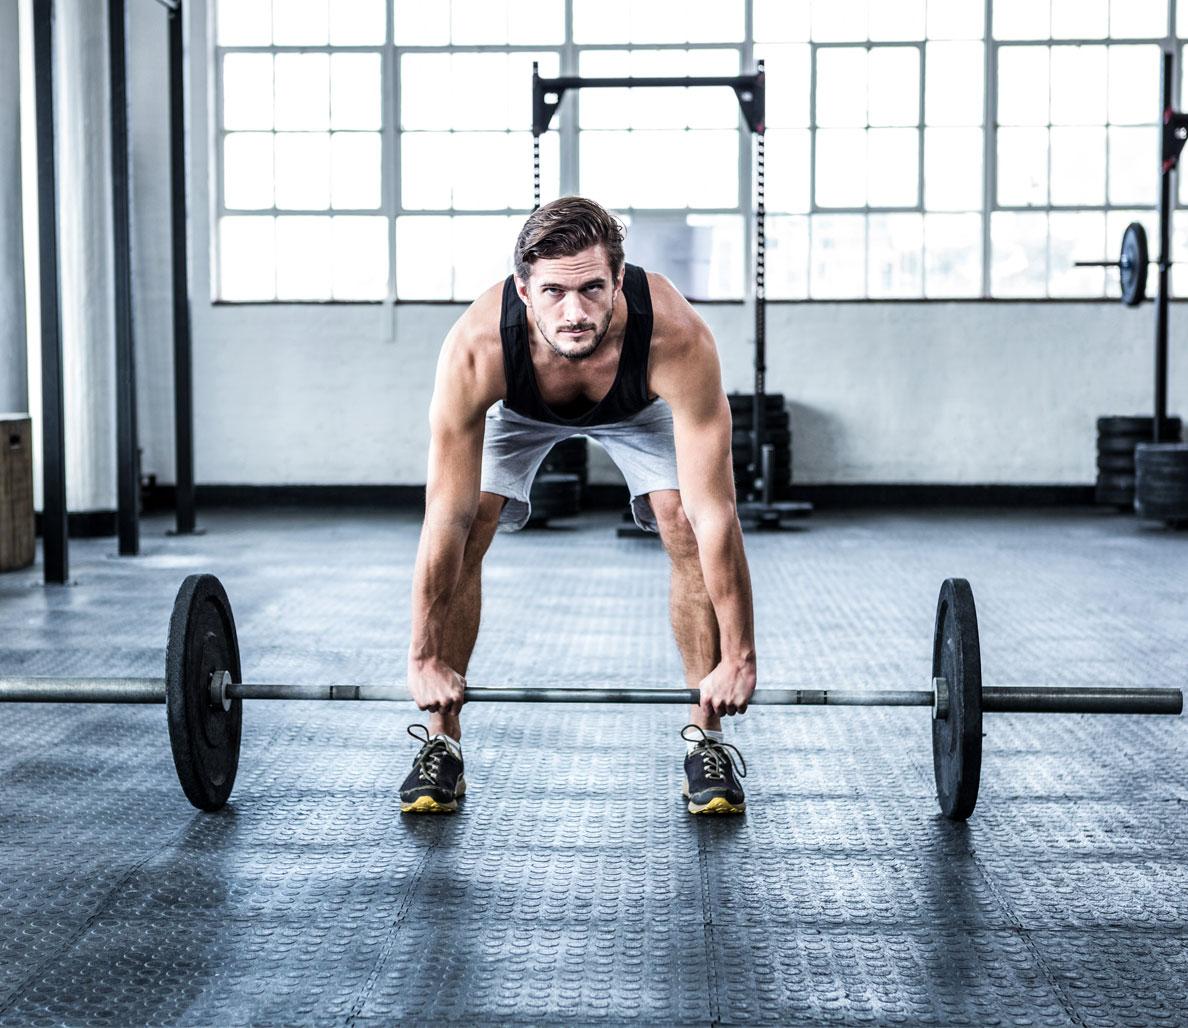 Программа тренировок для набора мышечной массы-трудности